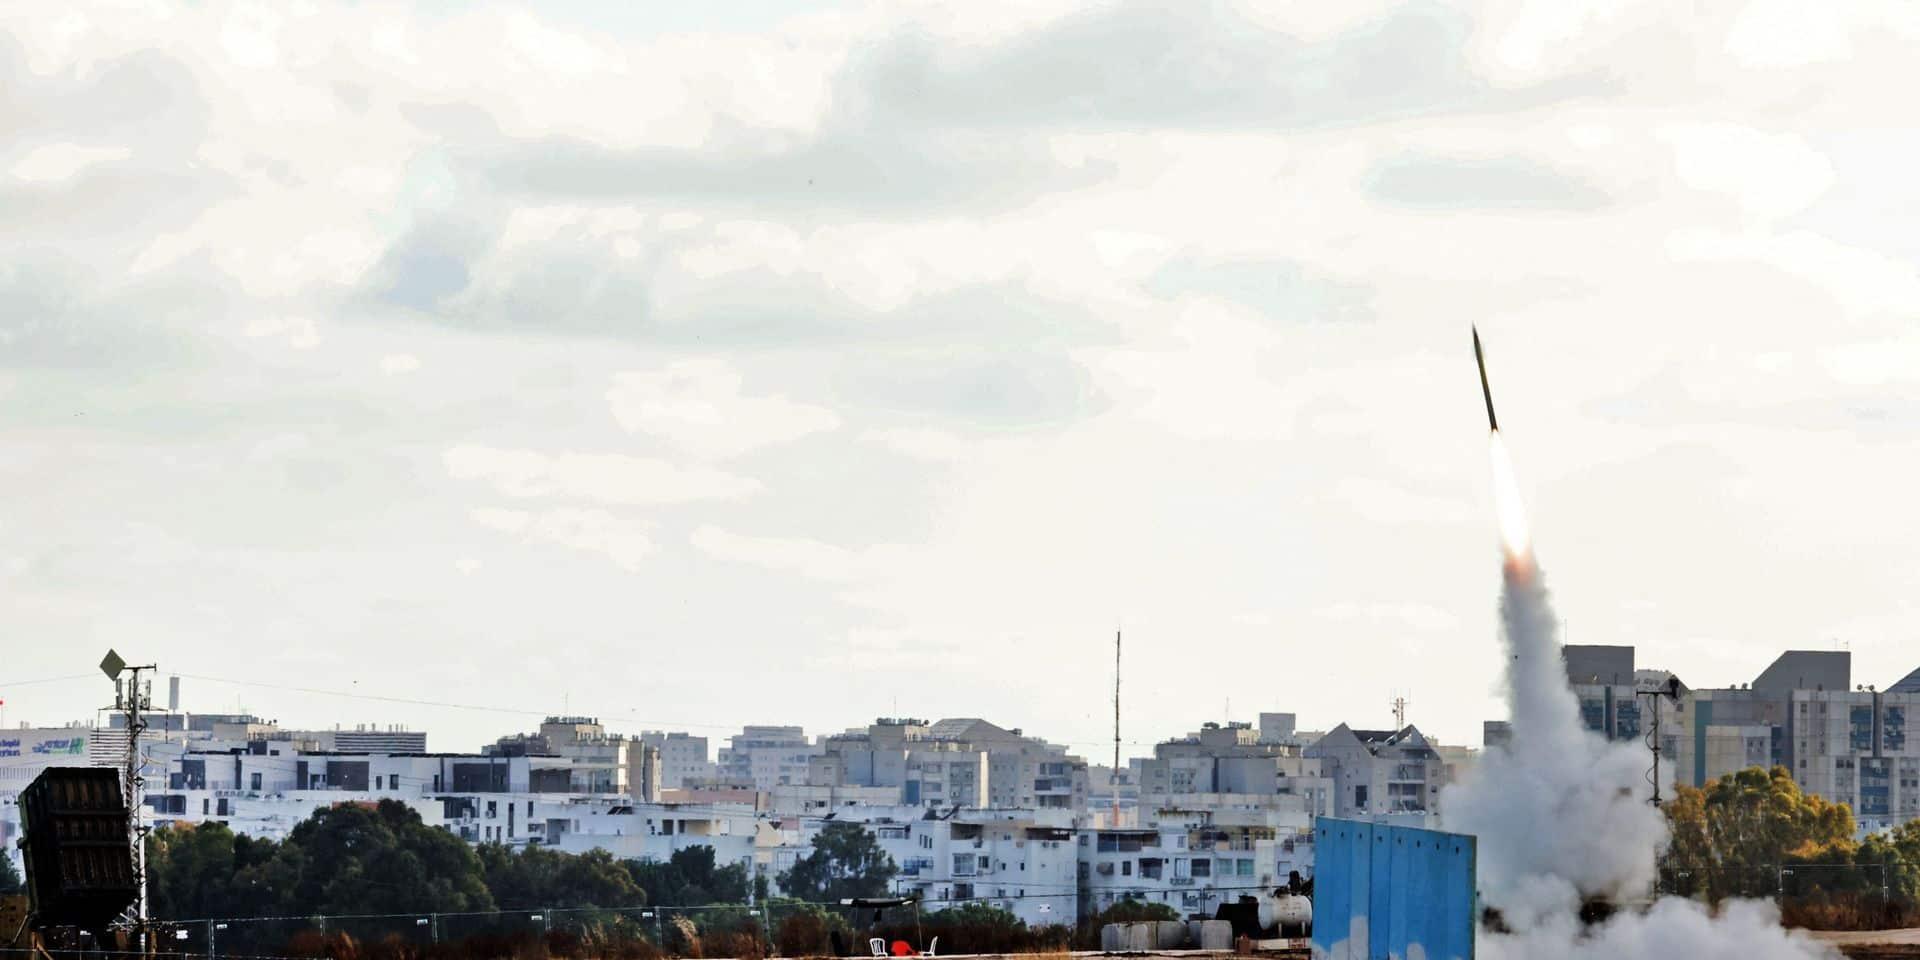 Une semaine après le début du conflit, aucune trêve en vue du côté de Gaza